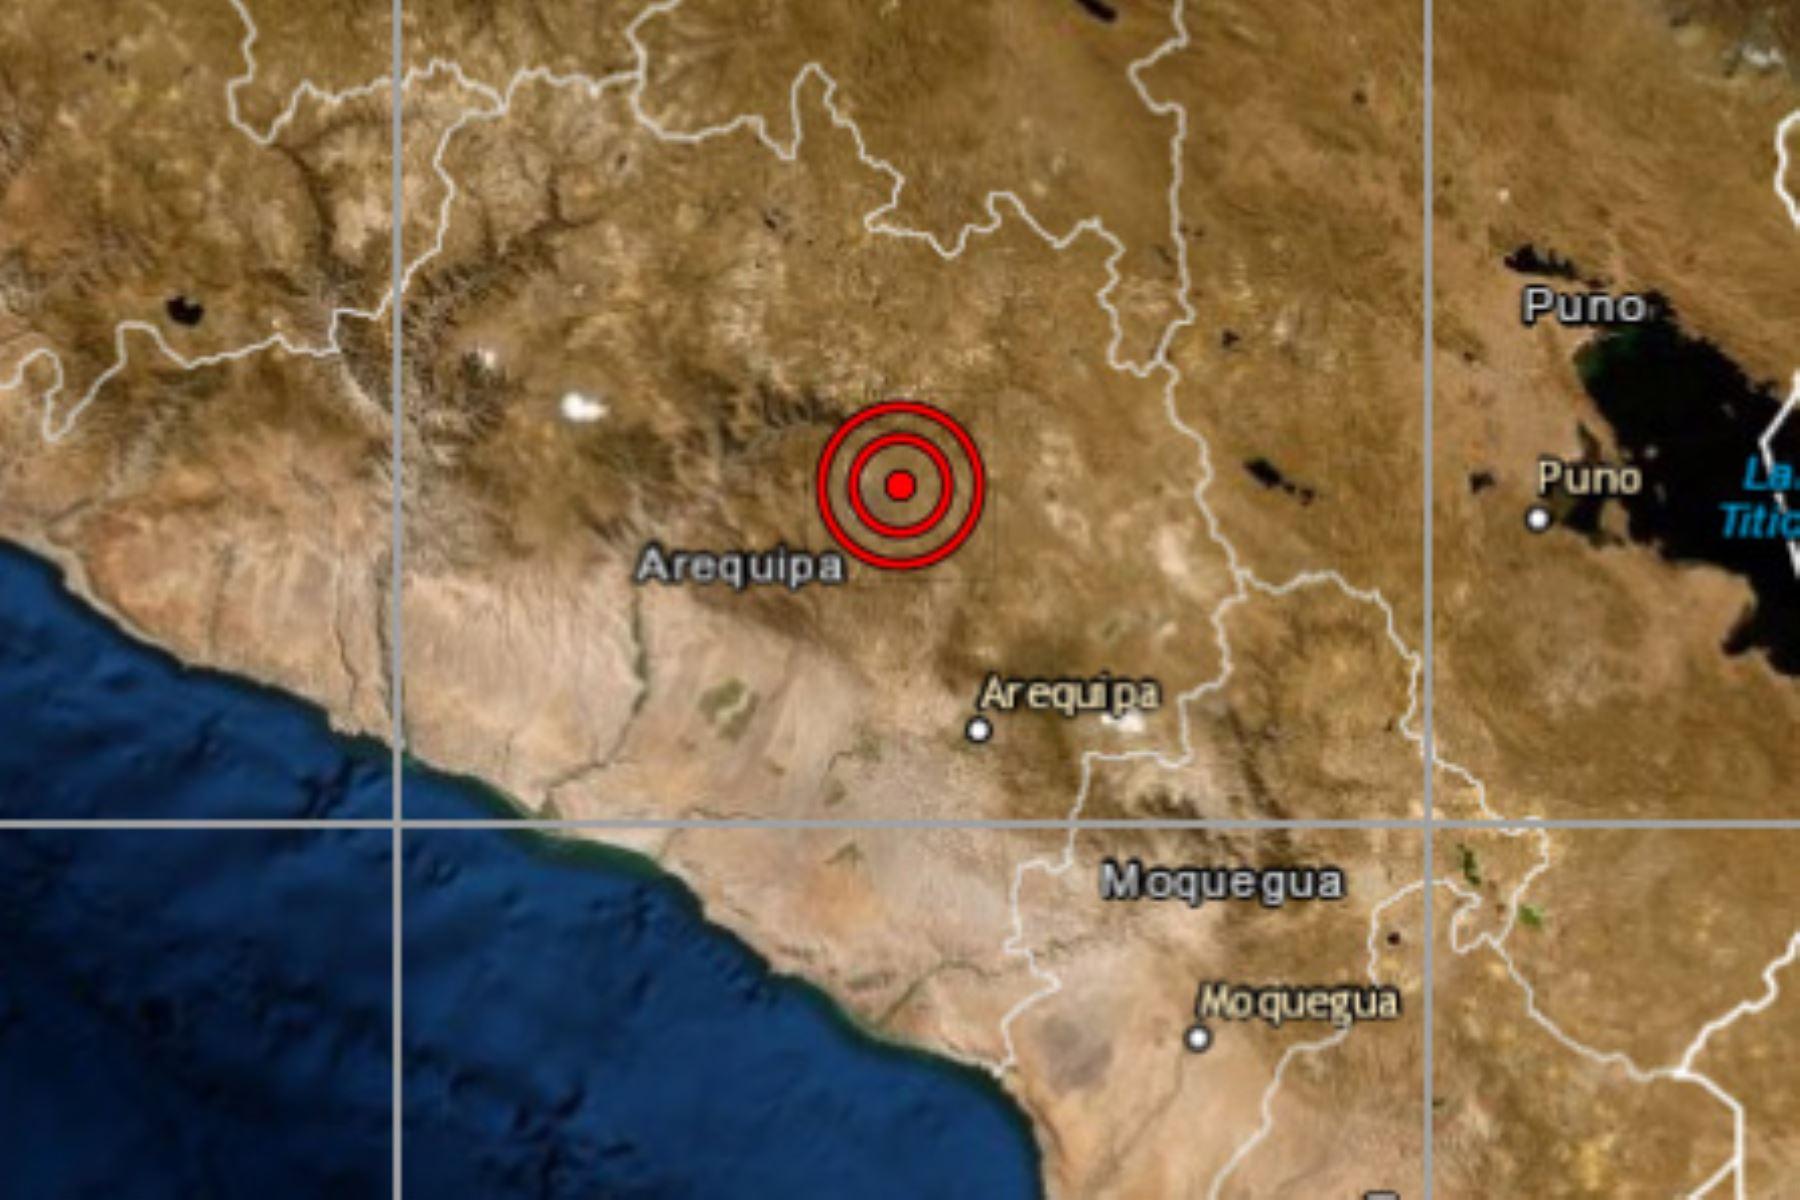 En el distrito de Maca (Arequipa) se reportó un movimiento telúrico de magnitud 3.4, informó el Instituto Geofísico del Perú. Foto: ANDINA/Difusión